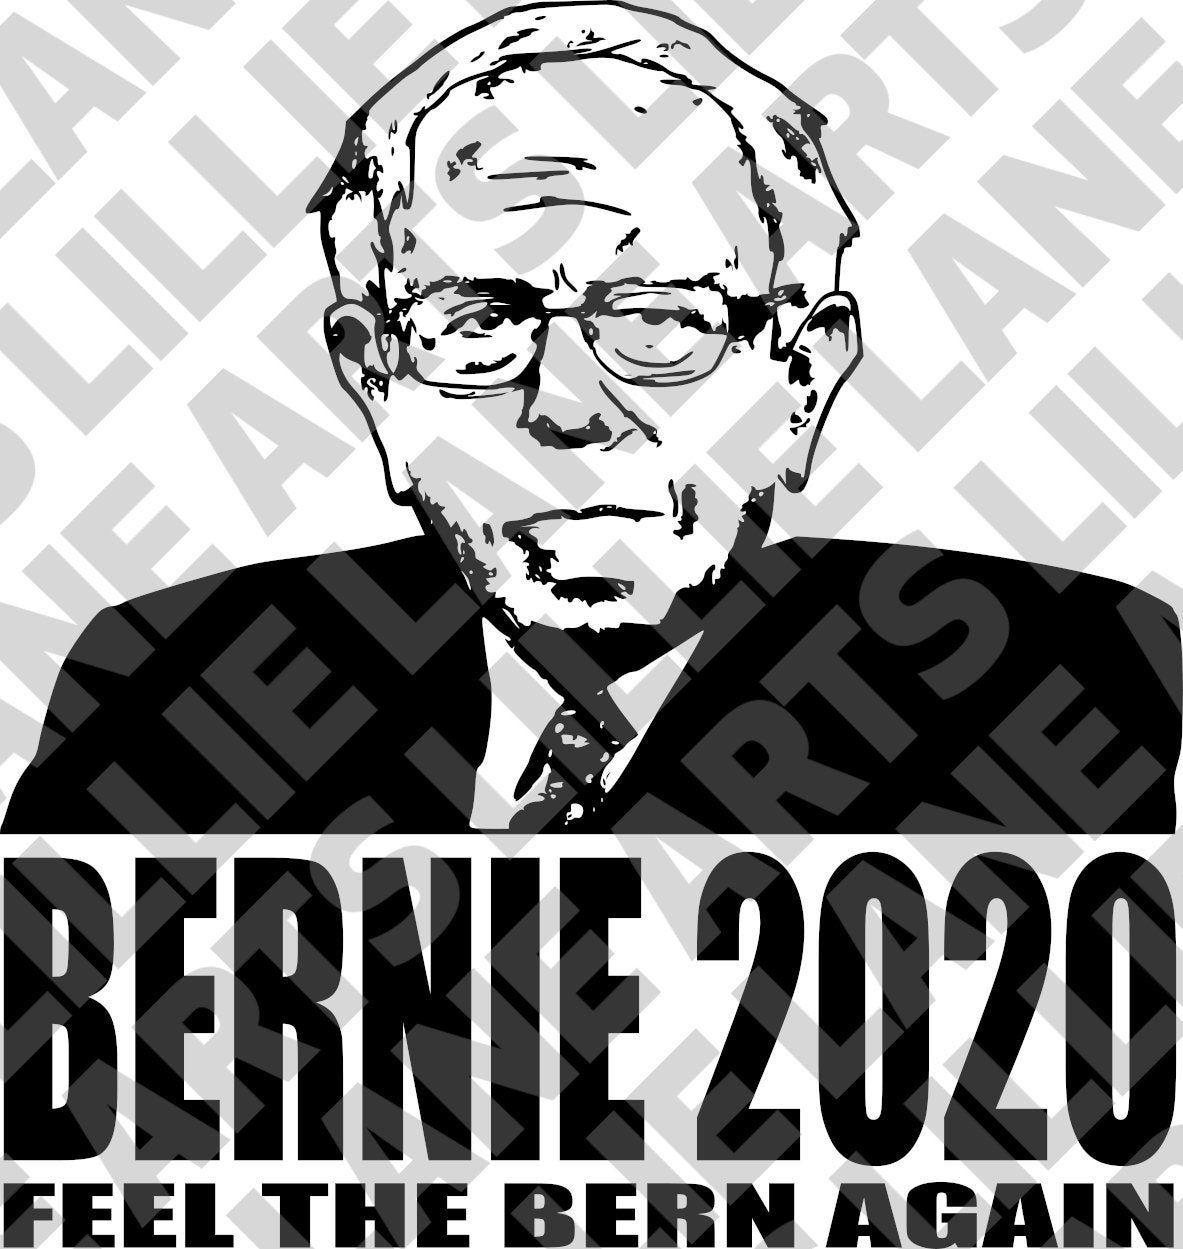 Bernie Sanders For President 2020 Svg File Clipart Vector For